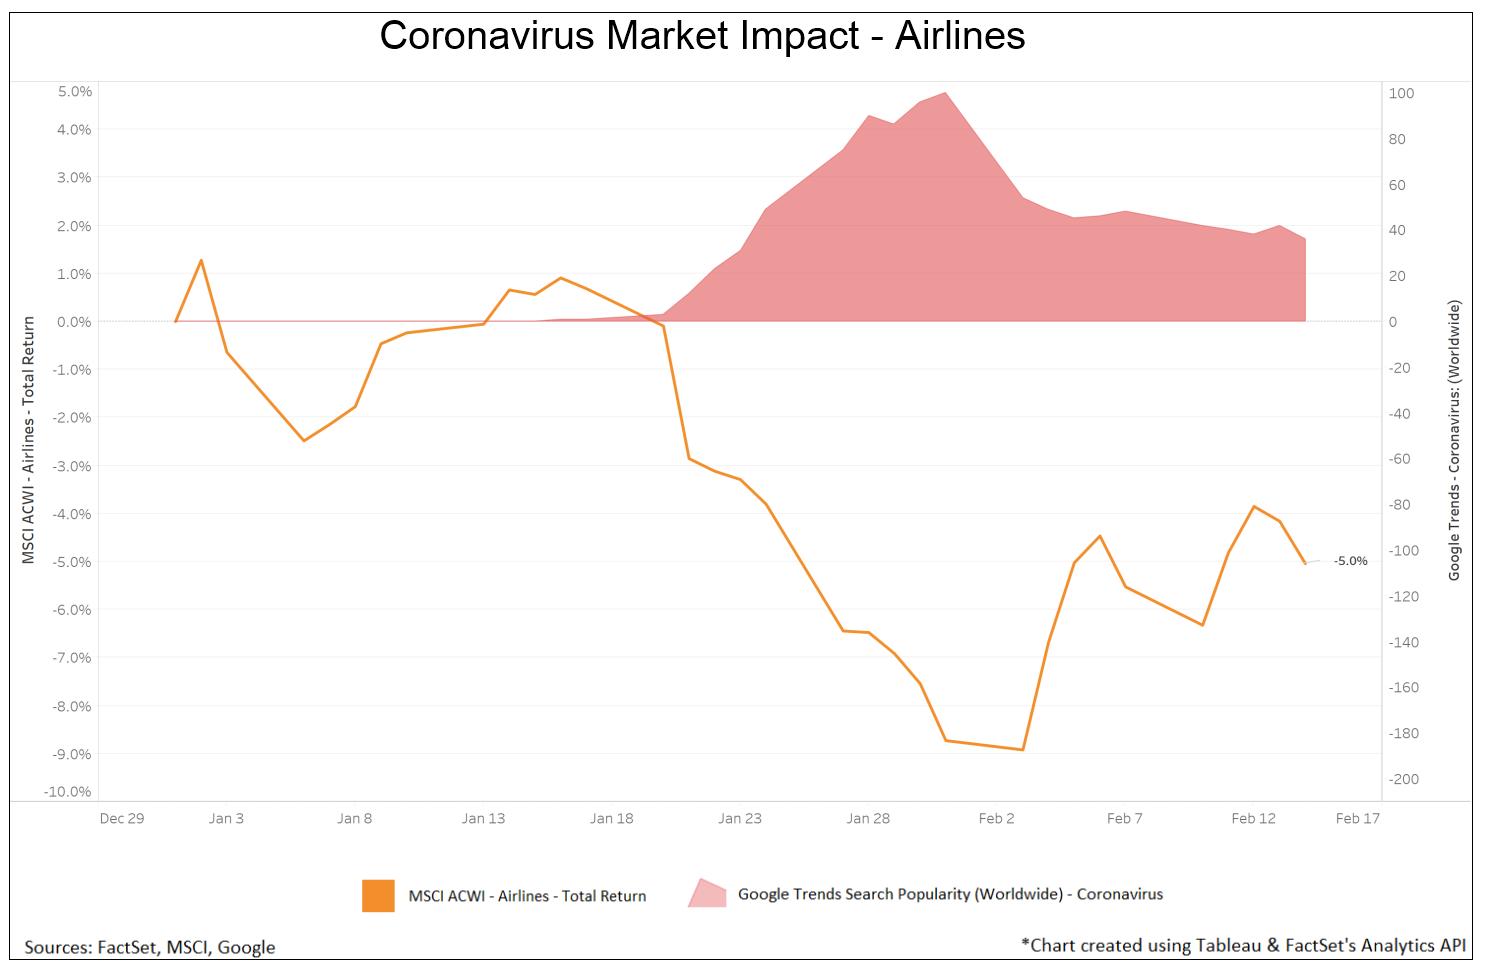 Coronavirus Market Impact - Airlines